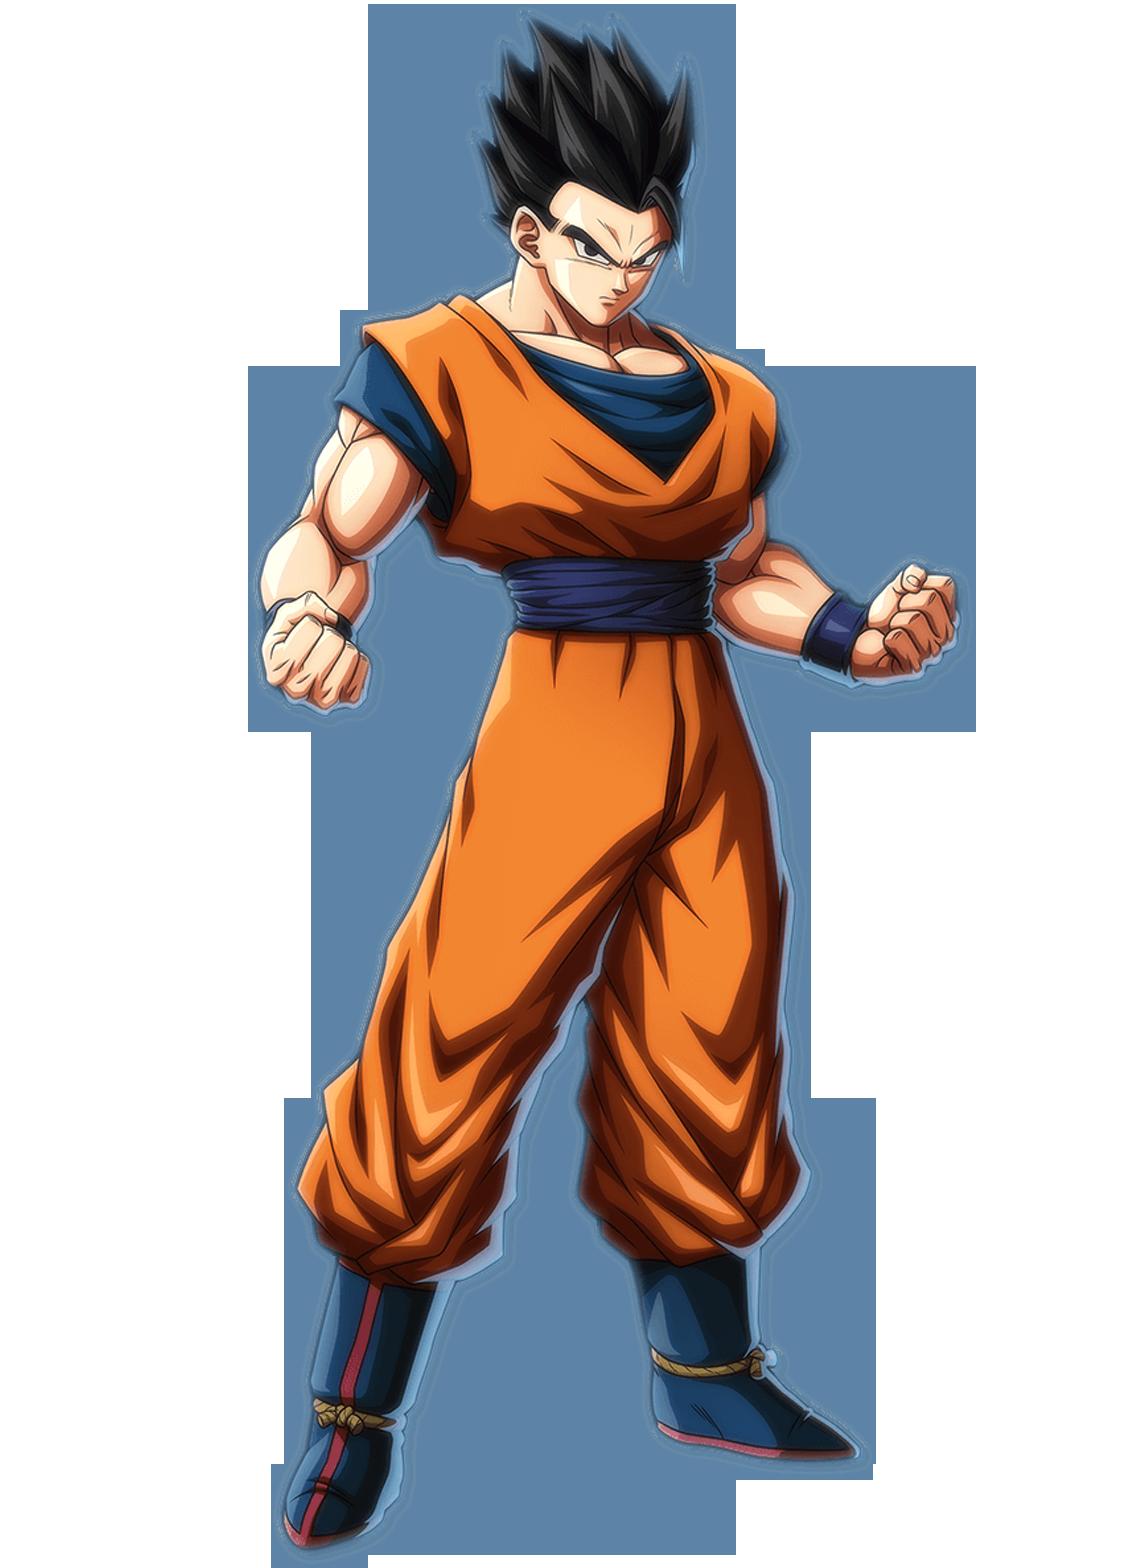 Gohan Ultimate Mistico Personajes De Goku Personajes De Dragon Ball Fotos De Meliodas